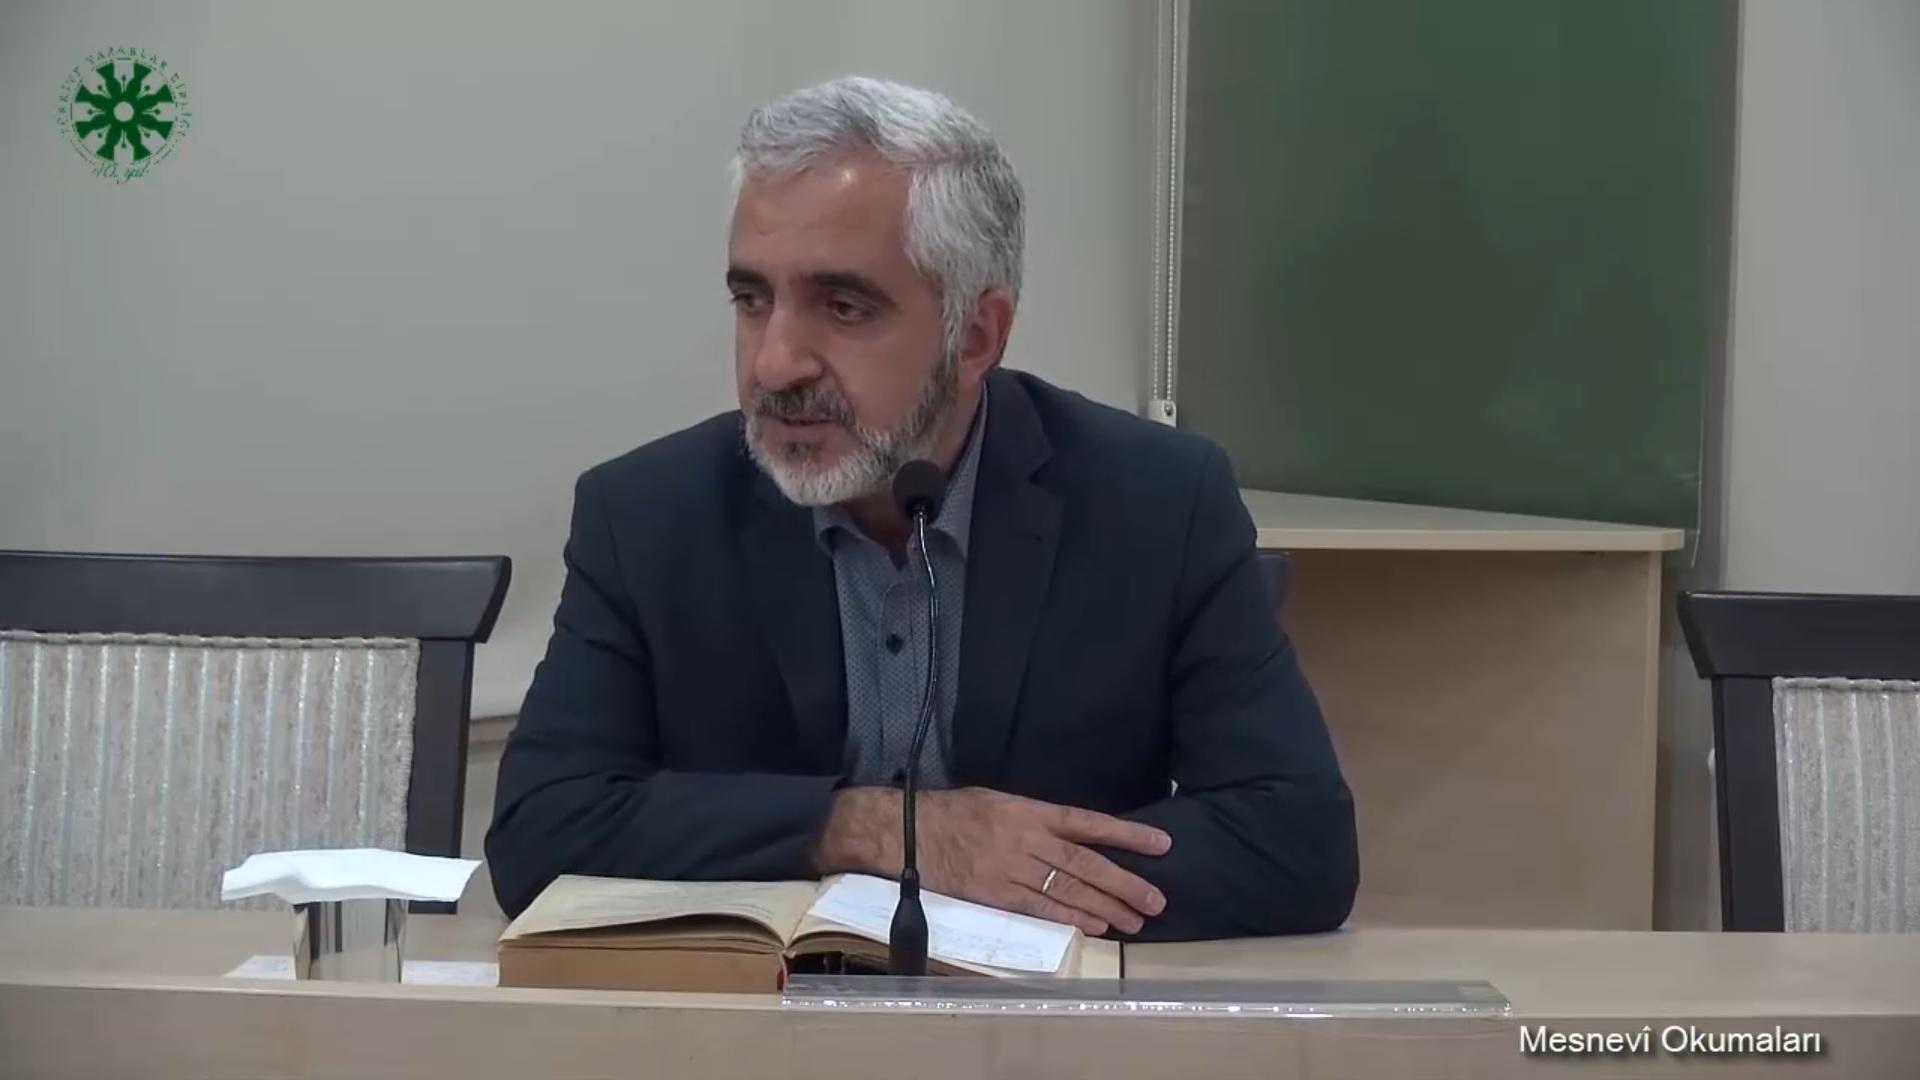 Mesnevî Okumaları - 2 - Prof. Dr. Zülfikar Güngör (video)